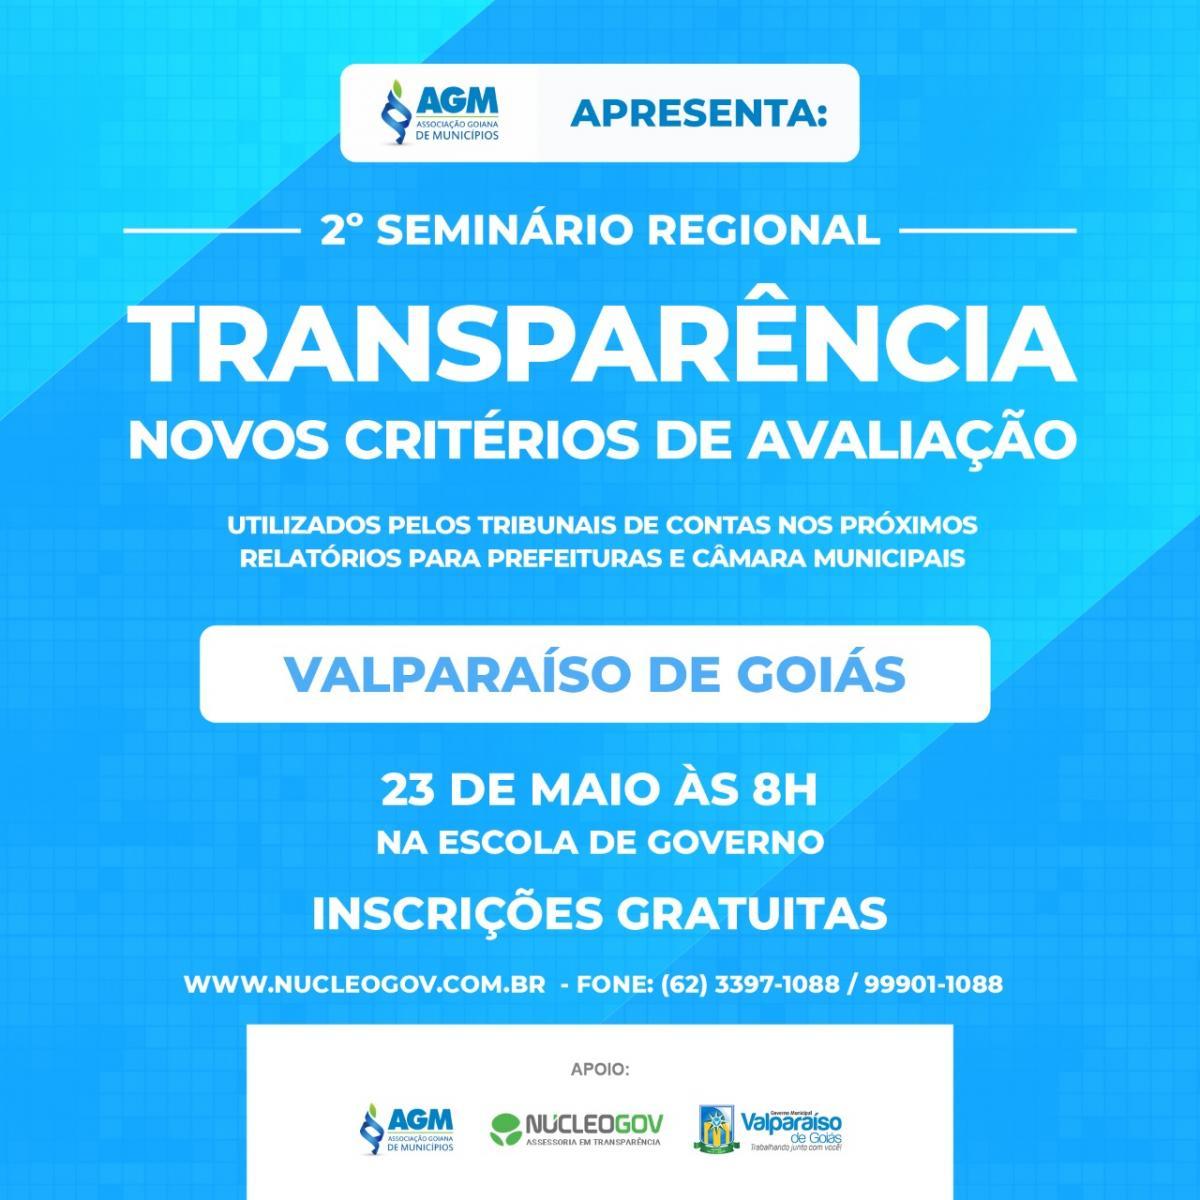 Inscrições para o 2º Seminário Regional sobre os Novos Critérios de Avaliação de Transparência, estão abertas!